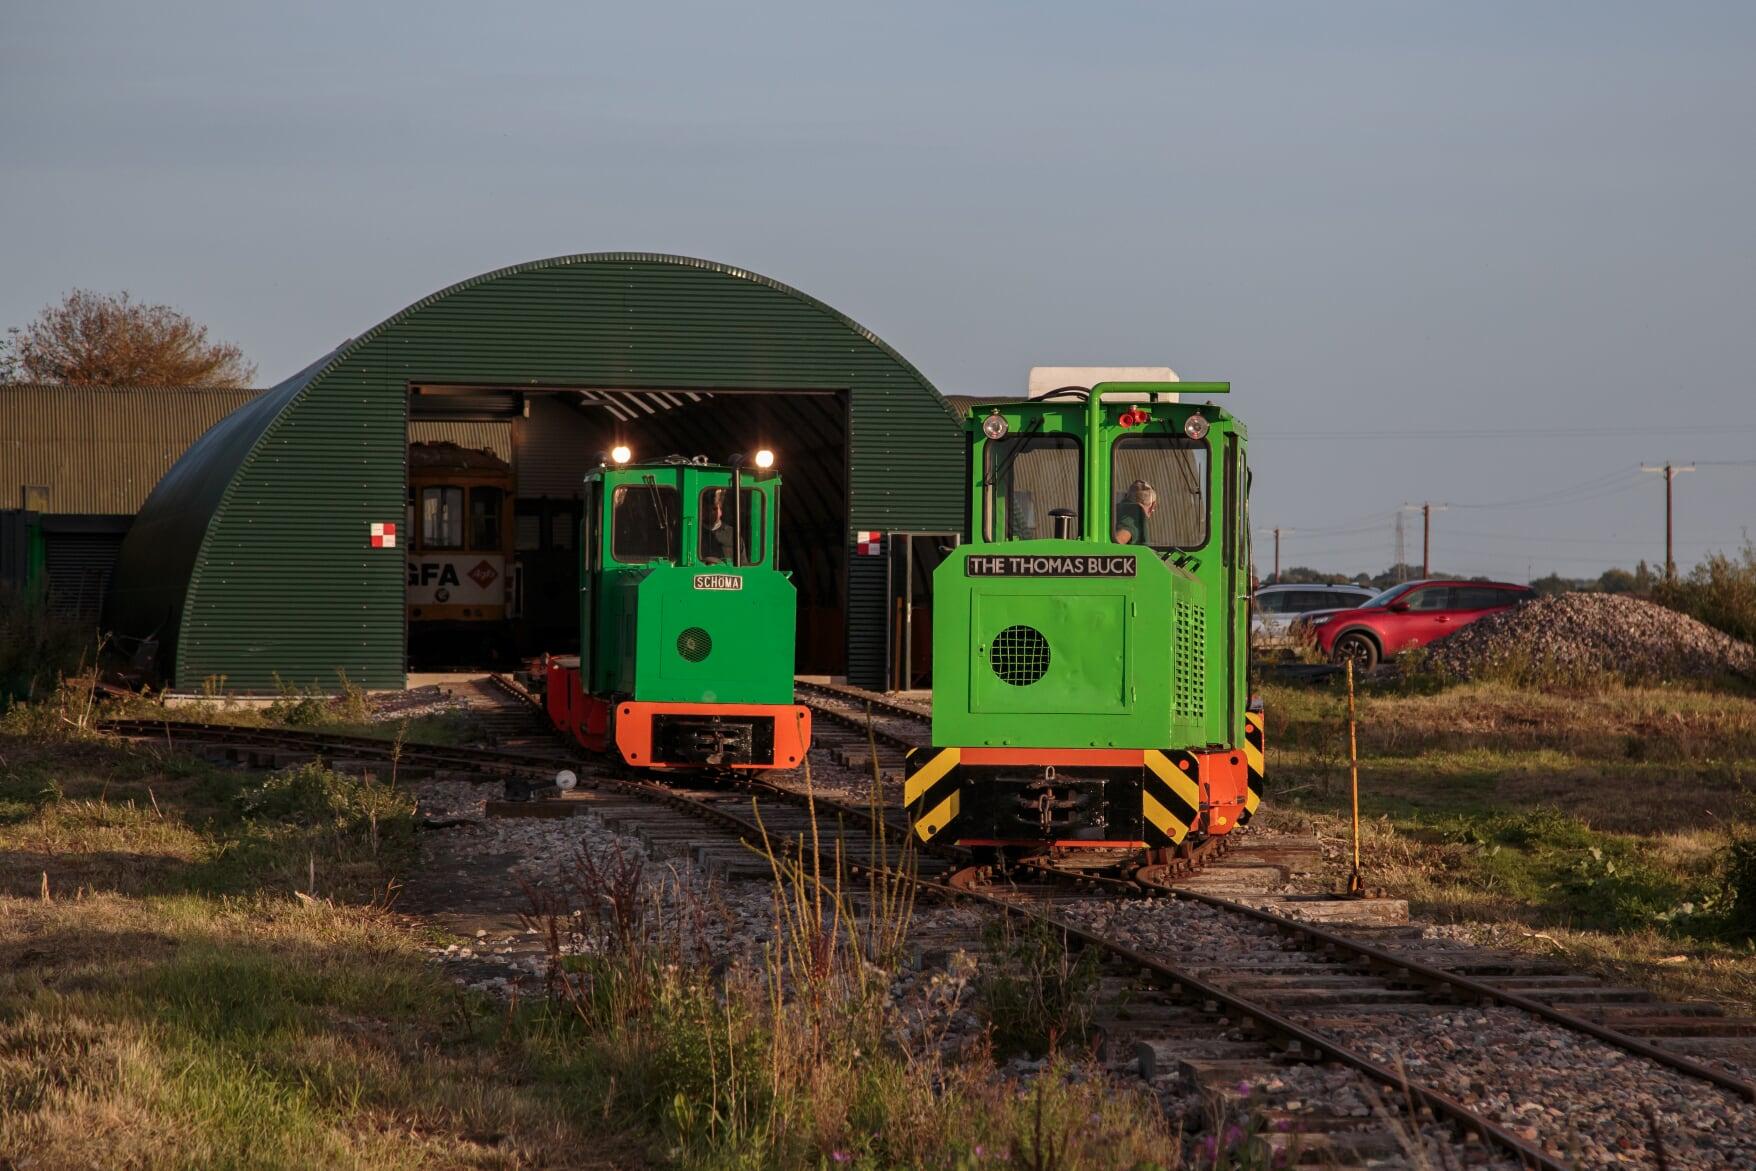 Schoma locos at Crowle Peatland Railway